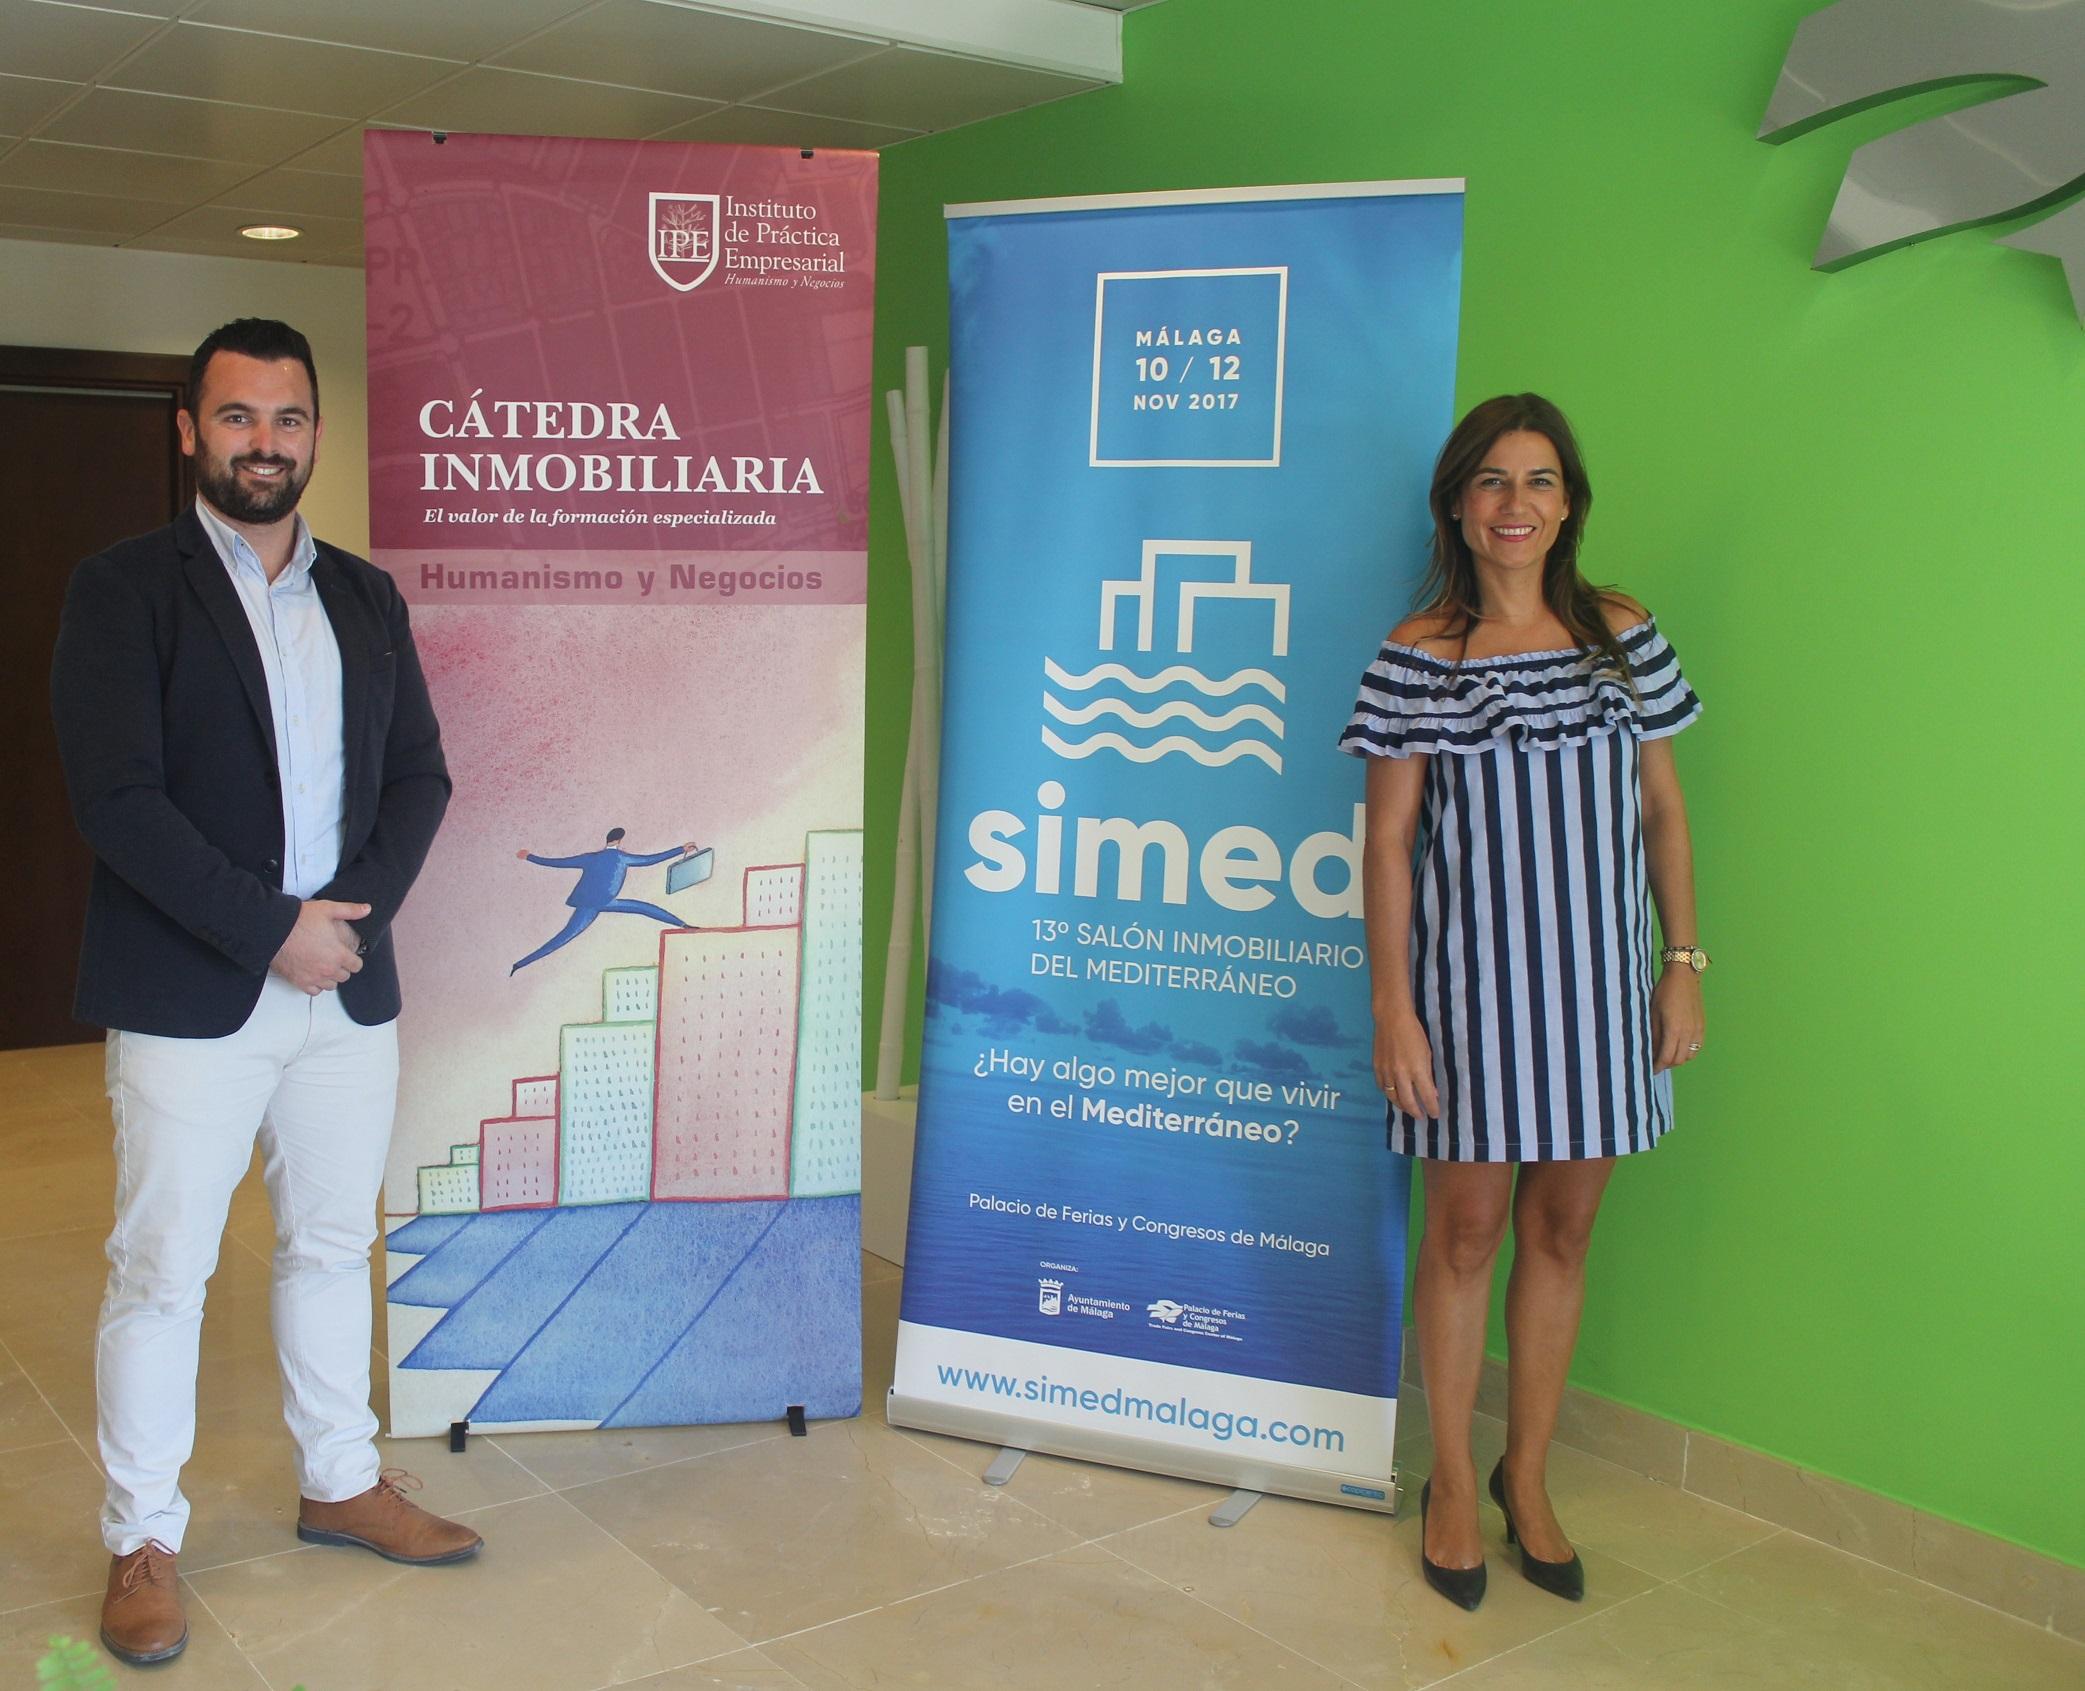 """El Instituto de Práctica Empresarial presentará en SiMed el avance del """"pulsímetro inmobiliario"""""""